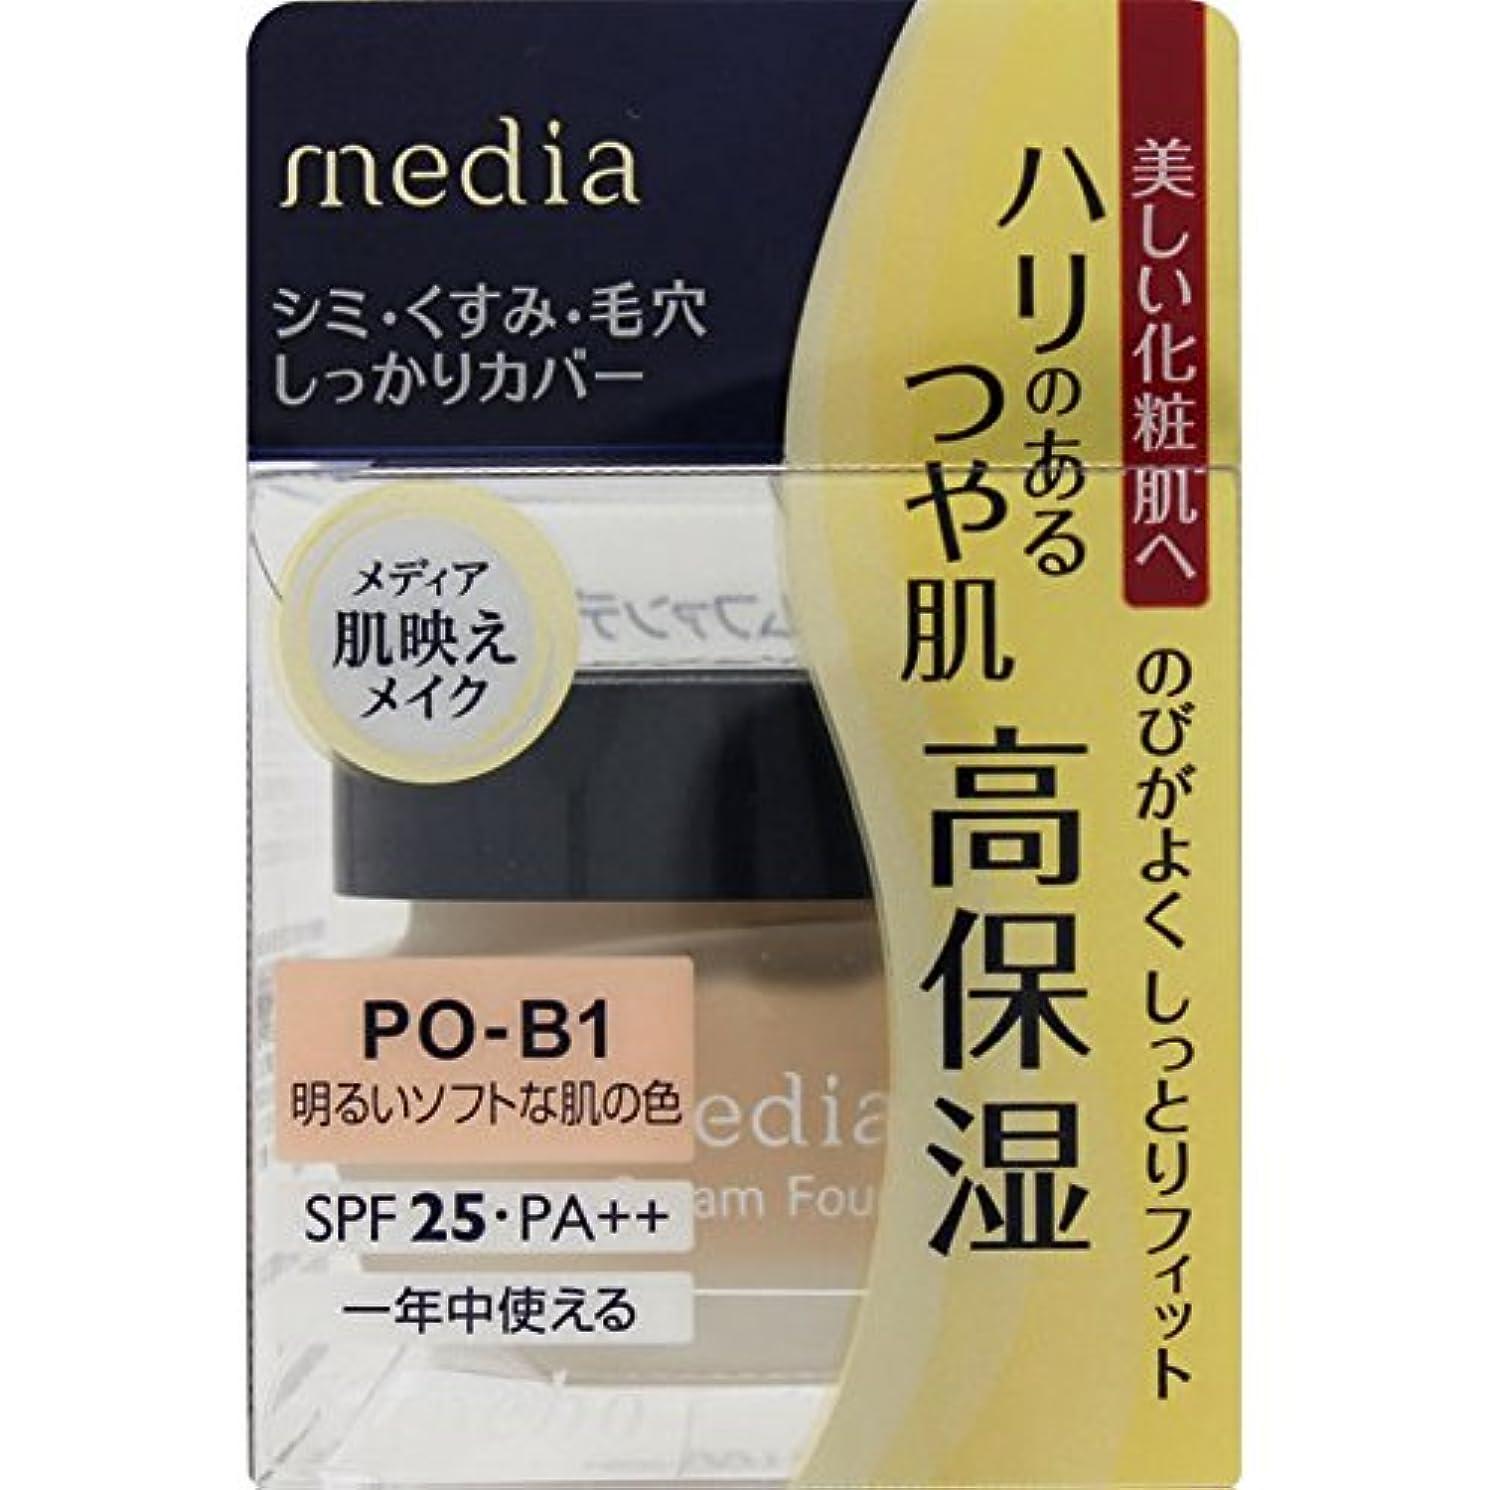 挽く傾いた警告カネボウ化粧品 メディア クリームファンデーション 明るいソフトな肌の色 POーB1